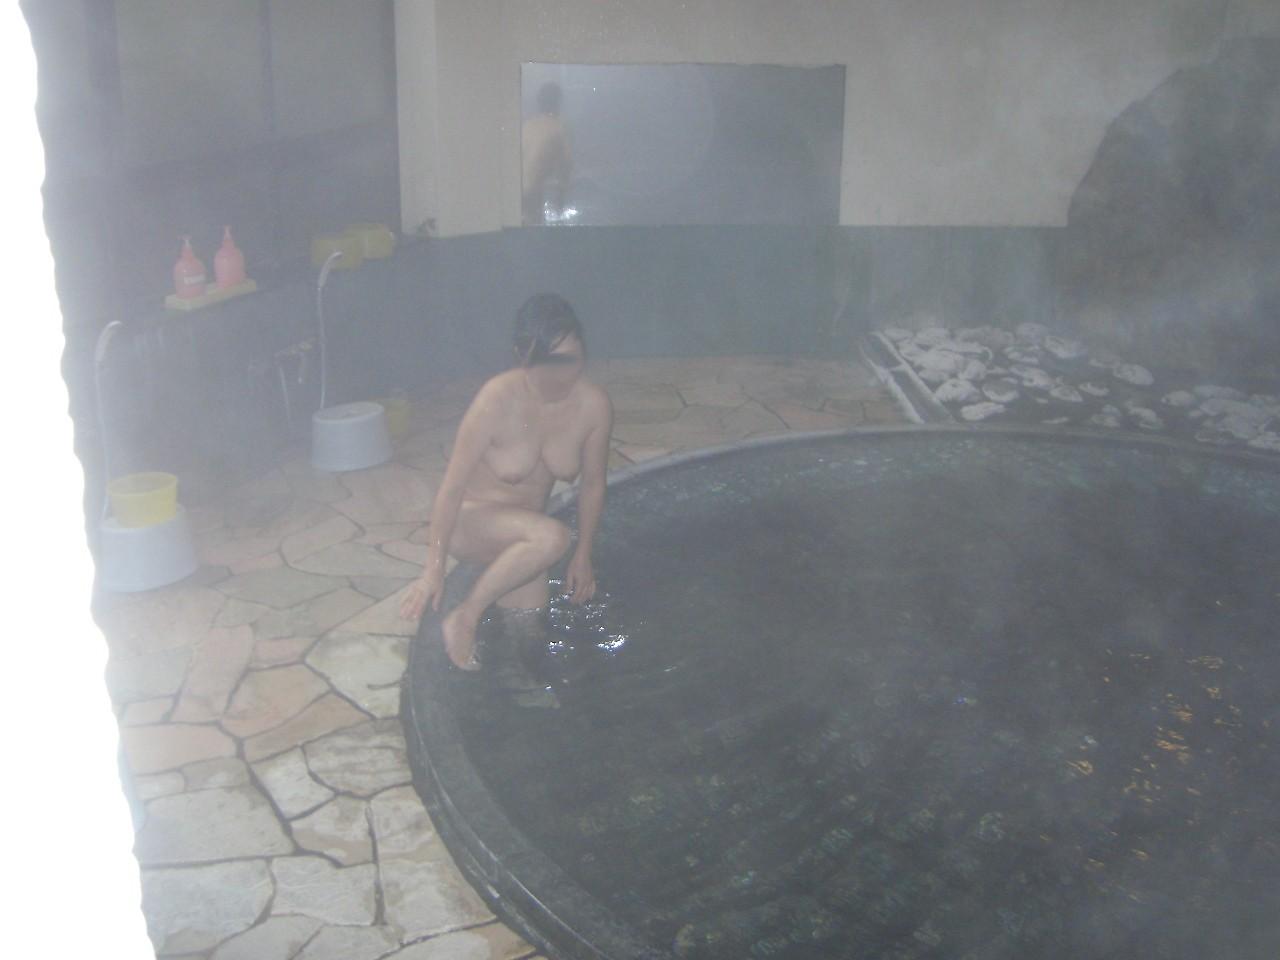 【おっぱい】露出スポットに悩んでいる素人さんが行き着くところ、それが温泉www【30枚】 30